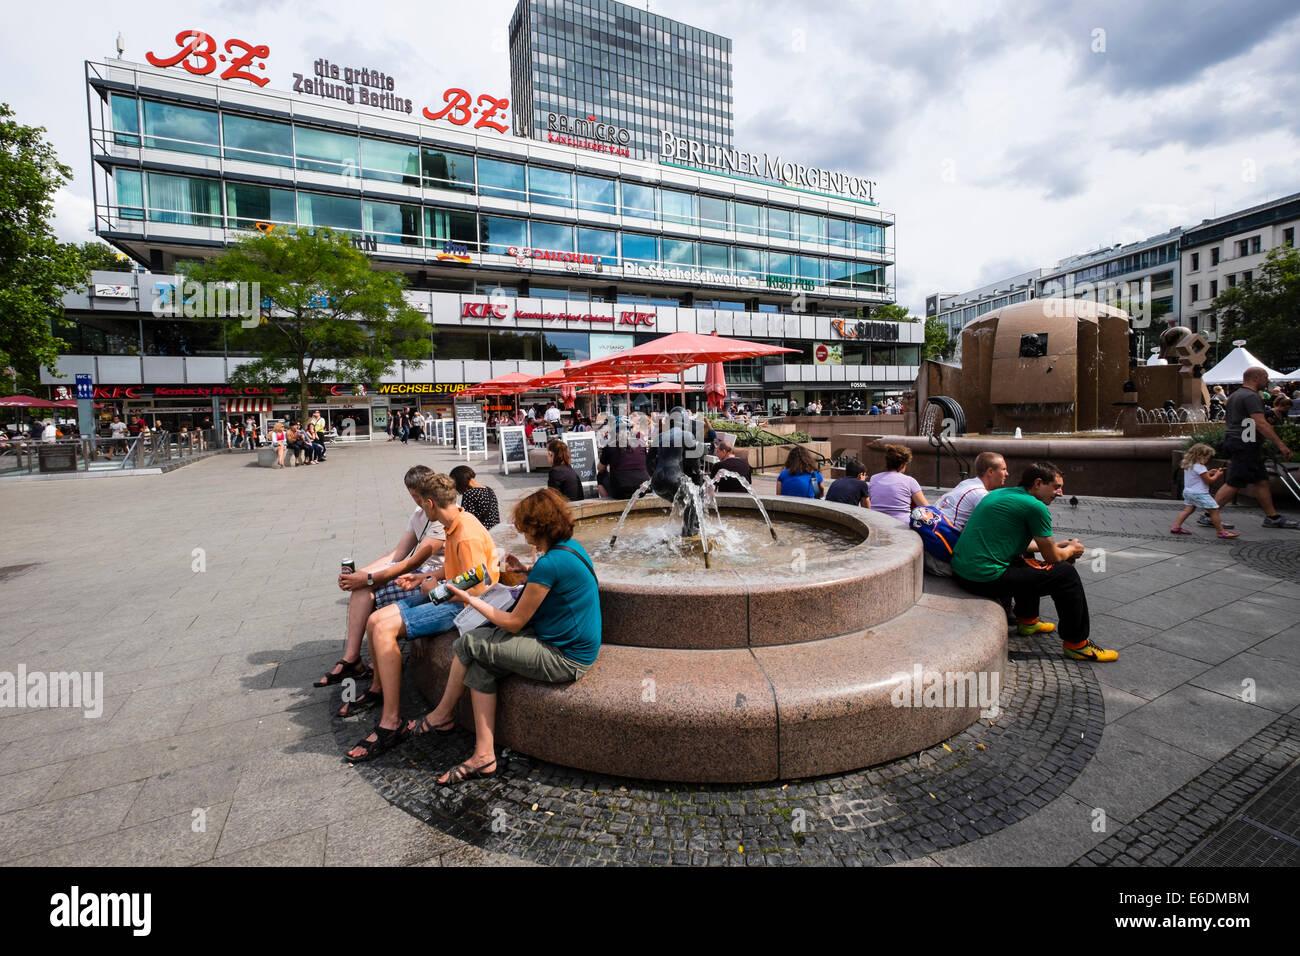 Fontana nella piazza accanto all Europa Center in Charlottenurg Berlino Germania Immagini Stock